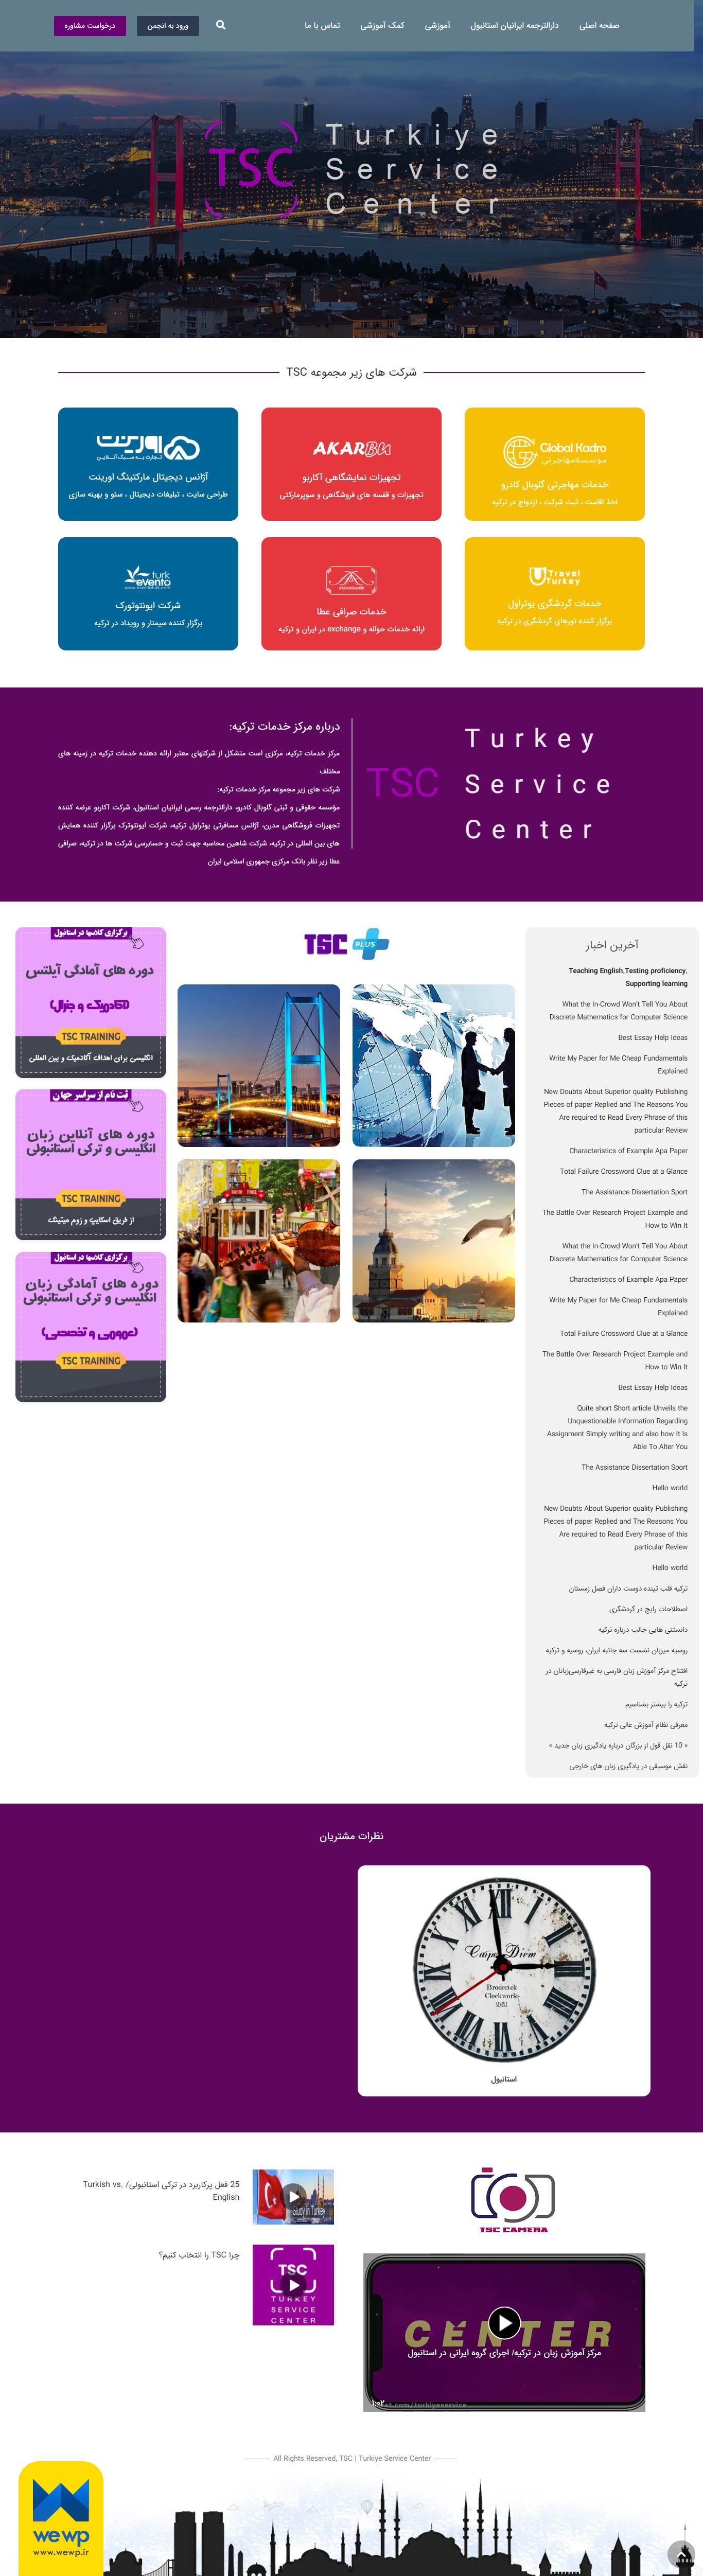 طراحی سایت ترکیه سرویس